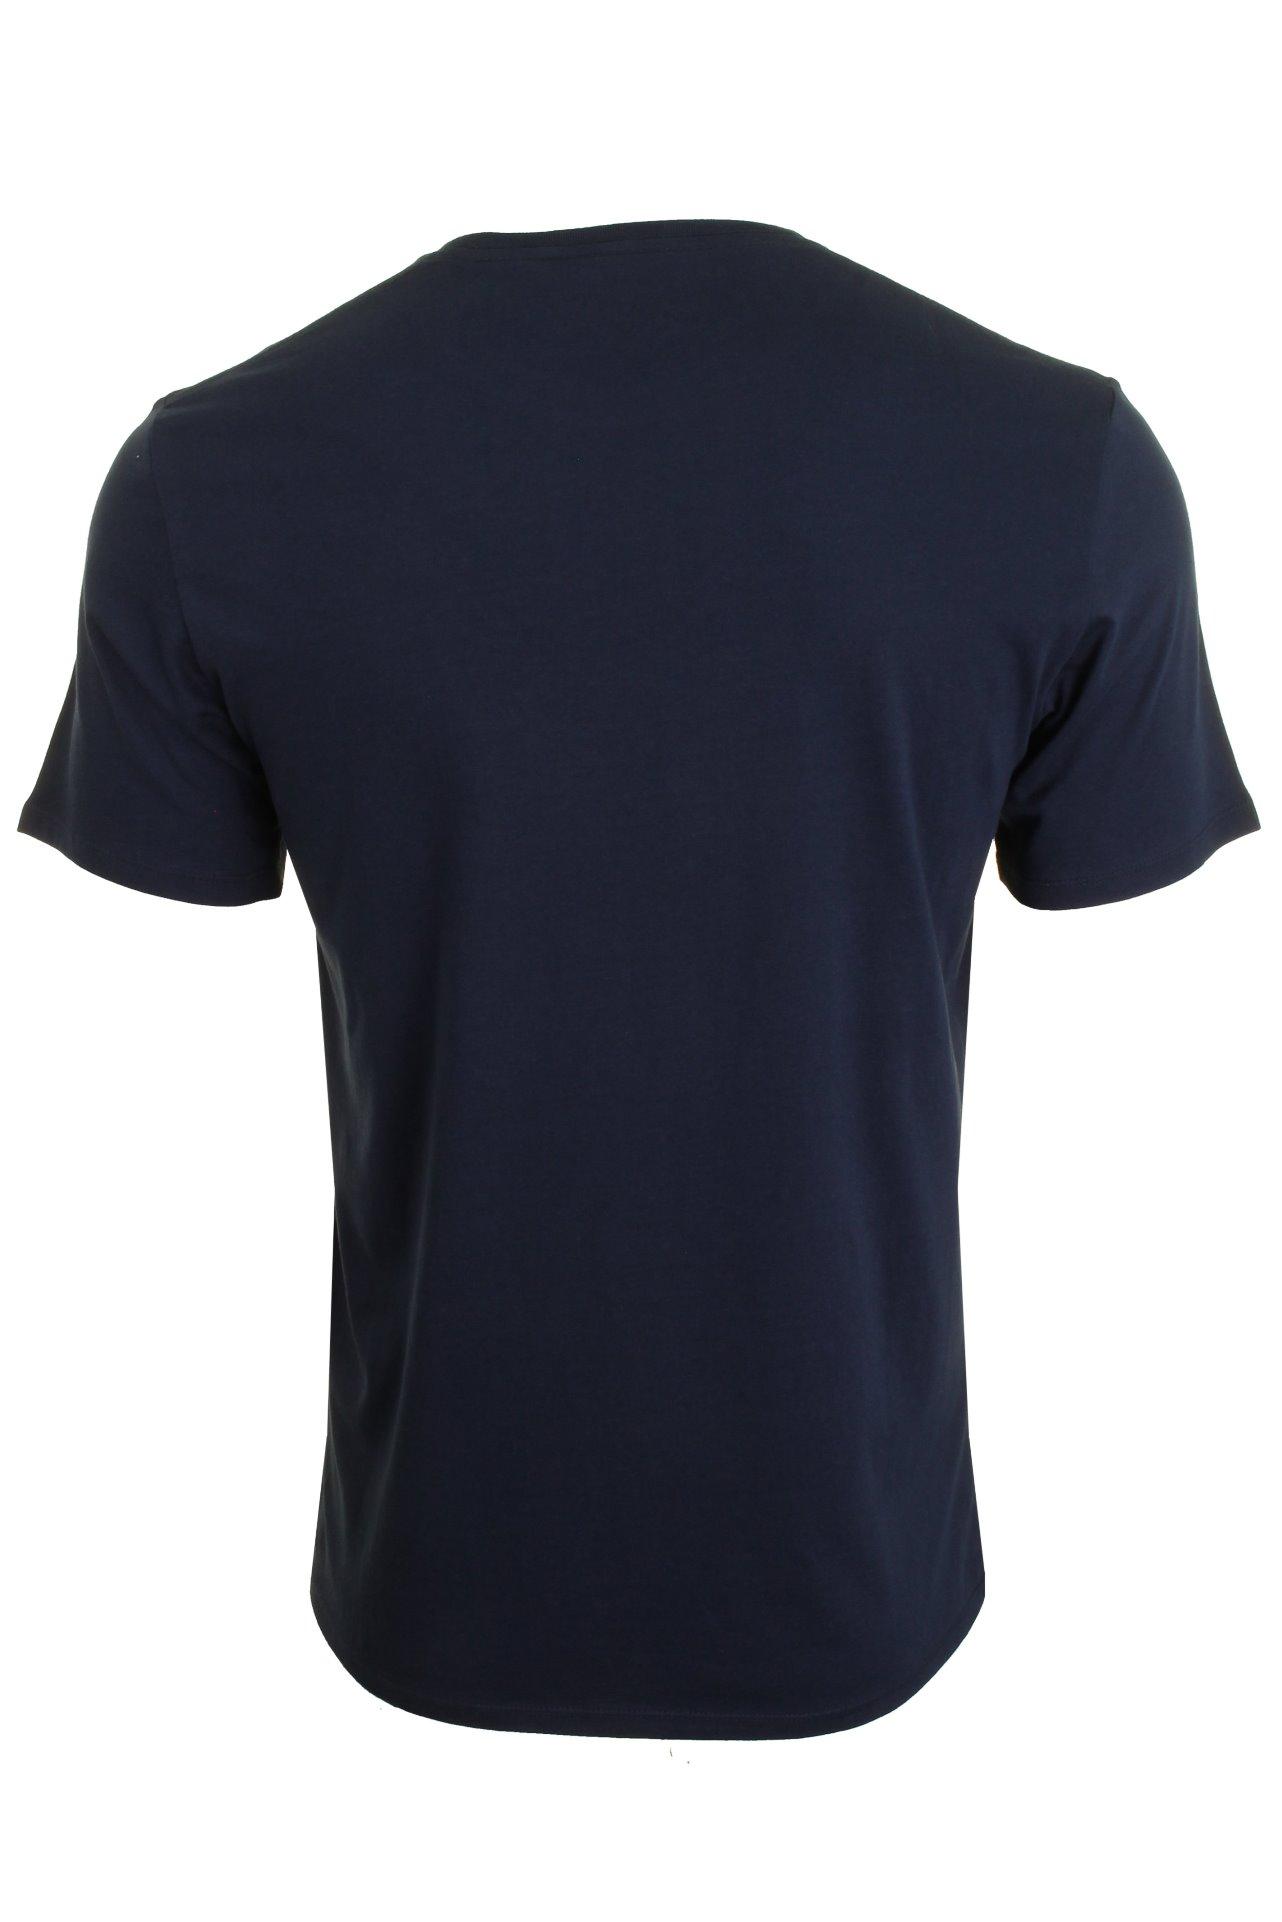 O/'Neill Mens Short Sleeved T-Shirt